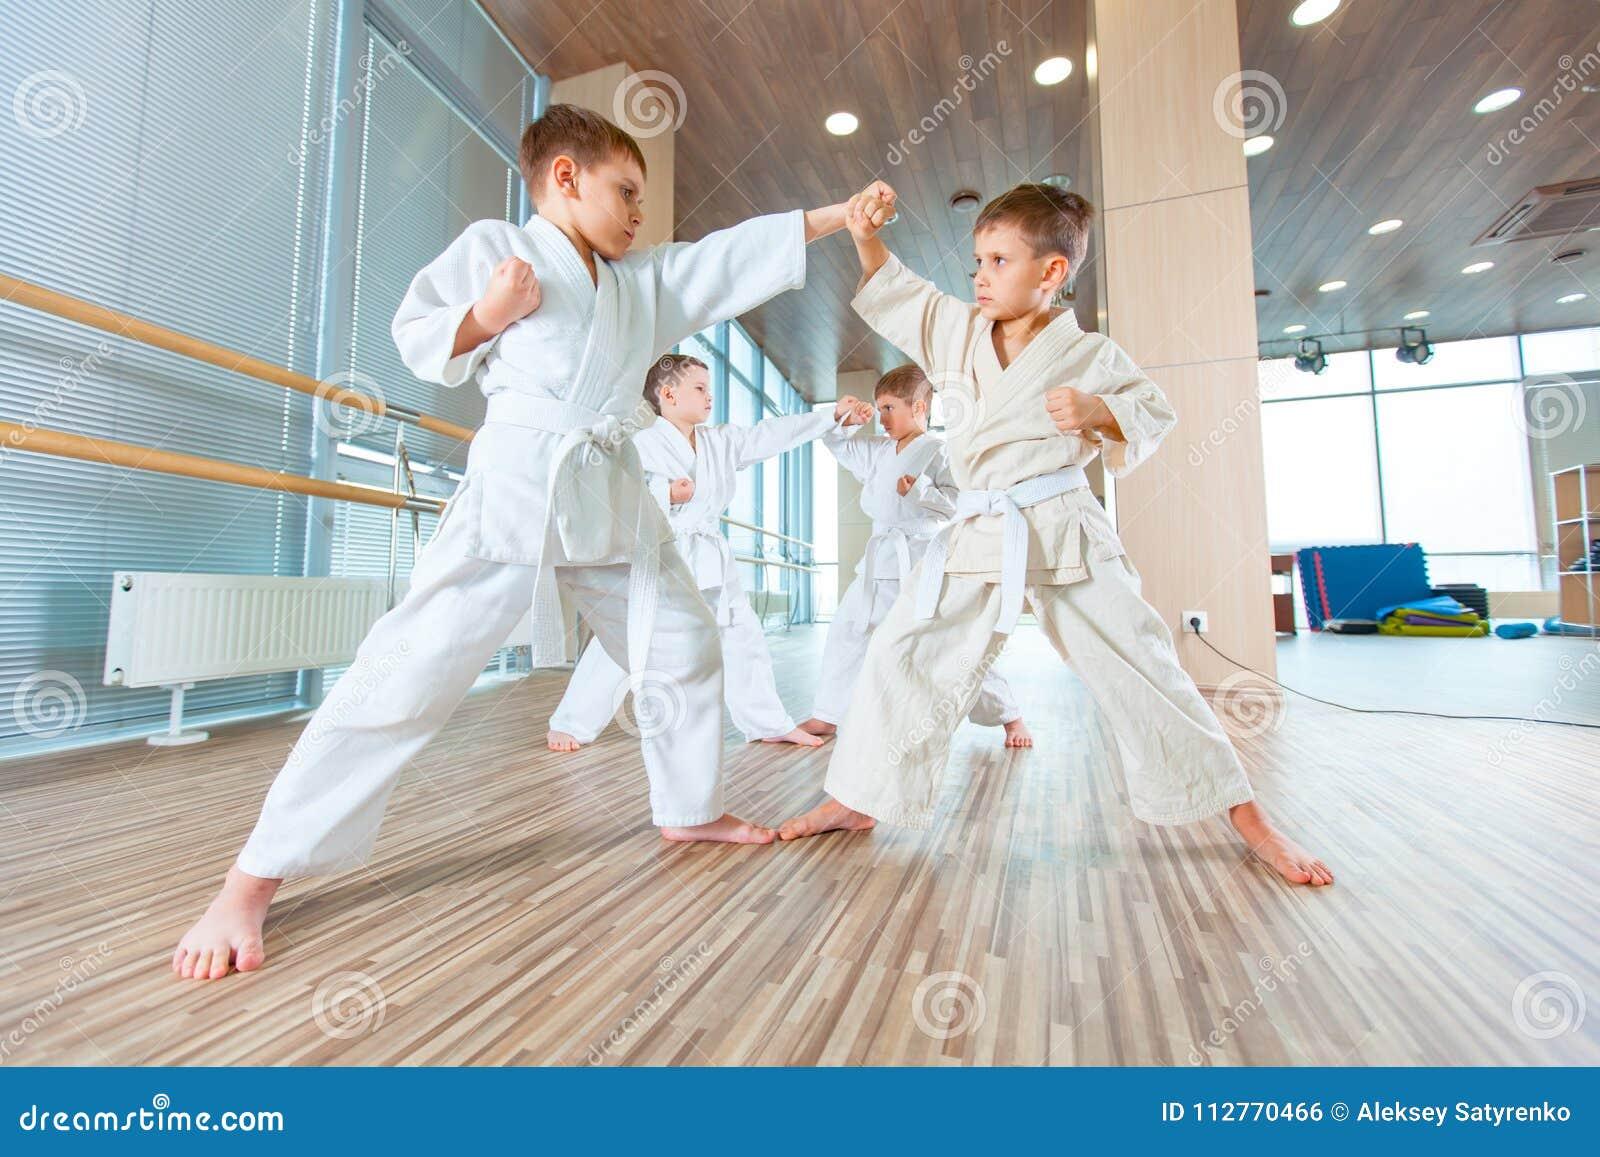 Multi crianças éticas novas, bonitas, bem sucedidas na posição do karaté